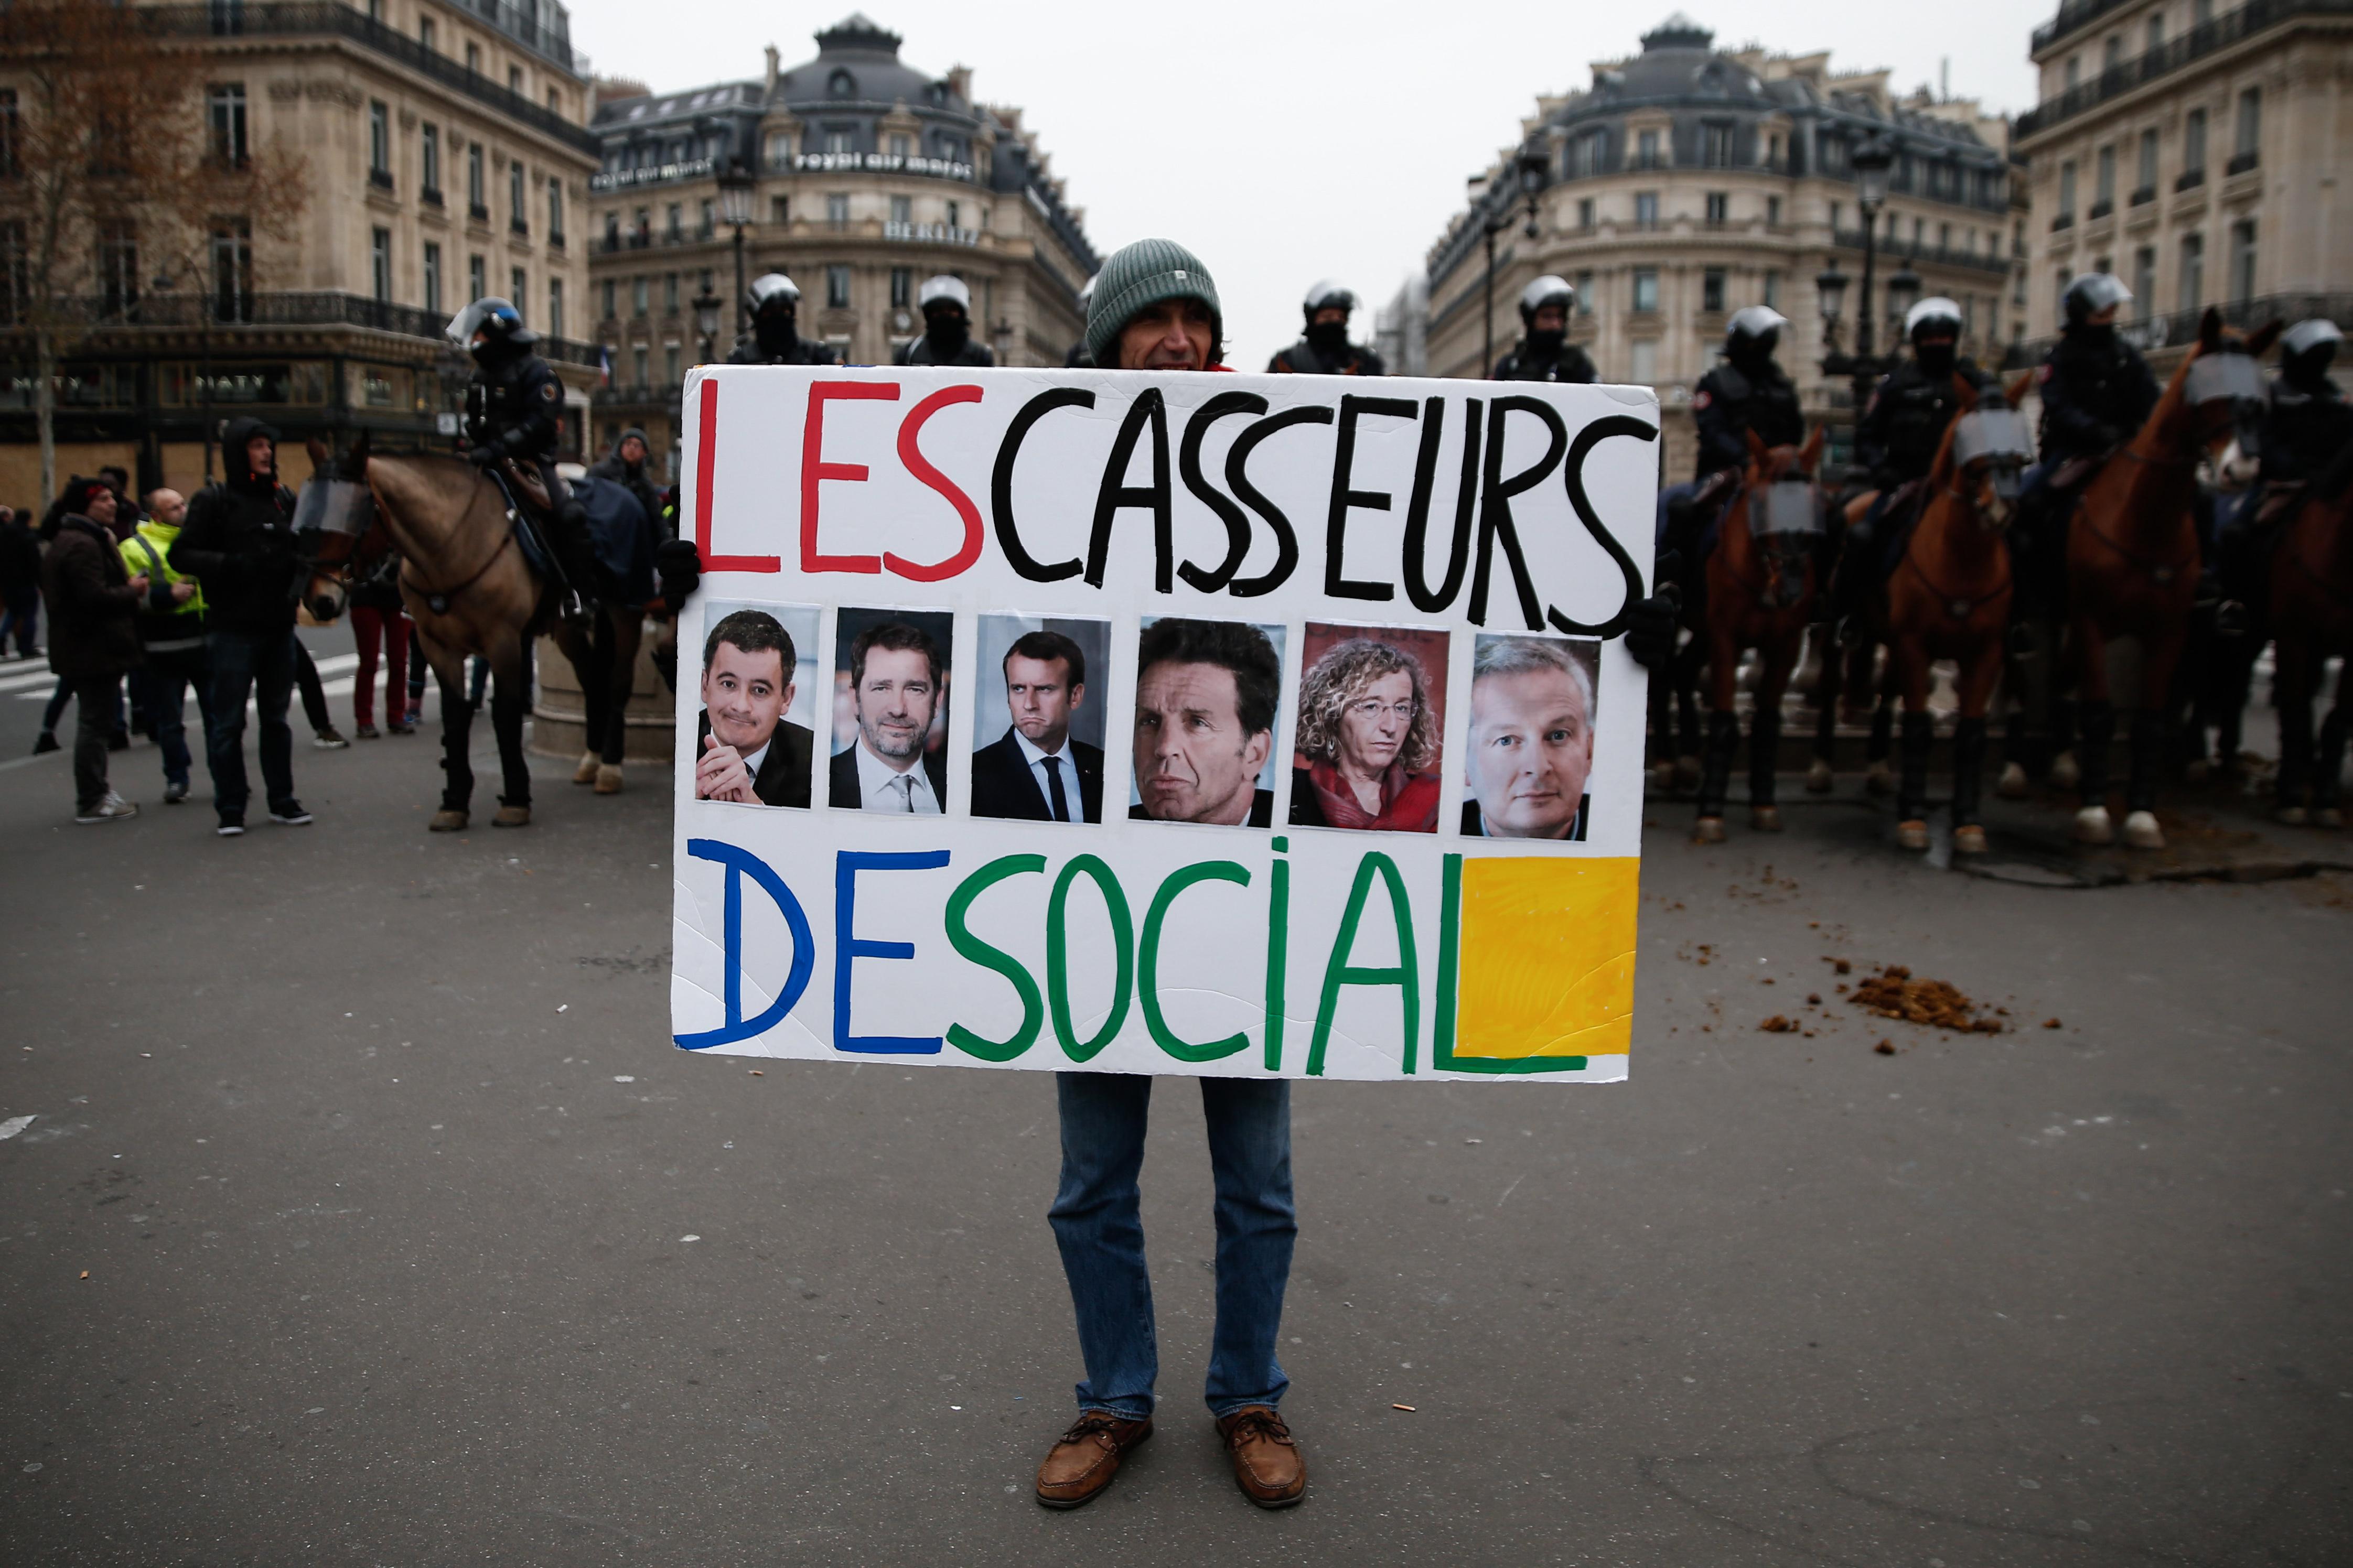 رفع المتظاهرون لافتات تطالب باستقالة الرئيس الفرنسي إيمانويل ماكرون